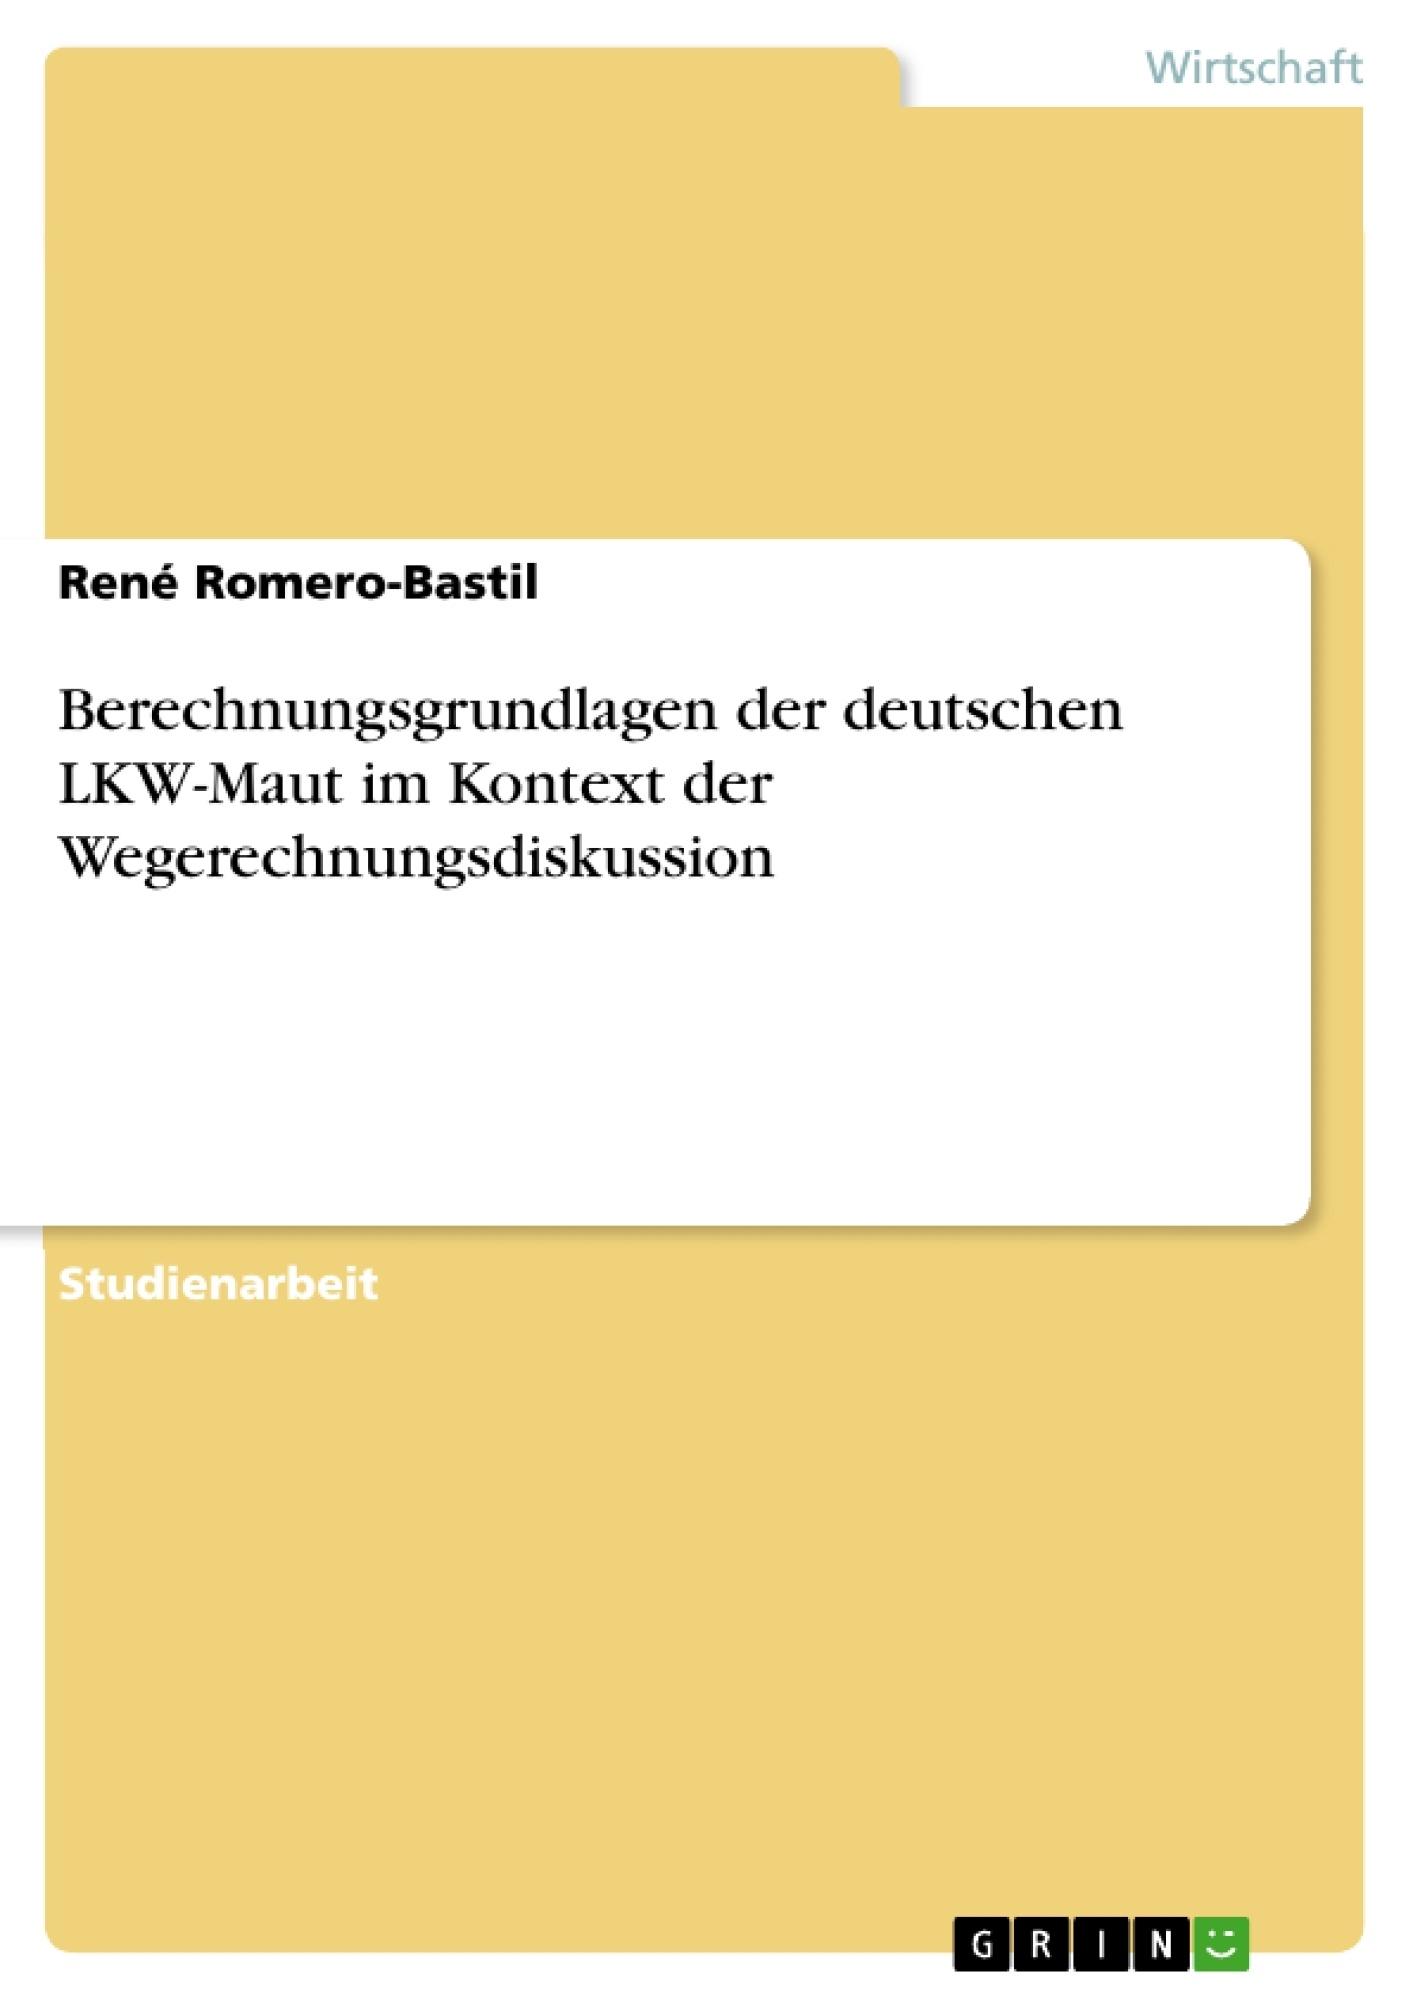 Titel: Berechnungsgrundlagen der deutschen LKW-Maut im Kontext der Wegerechnungsdiskussion